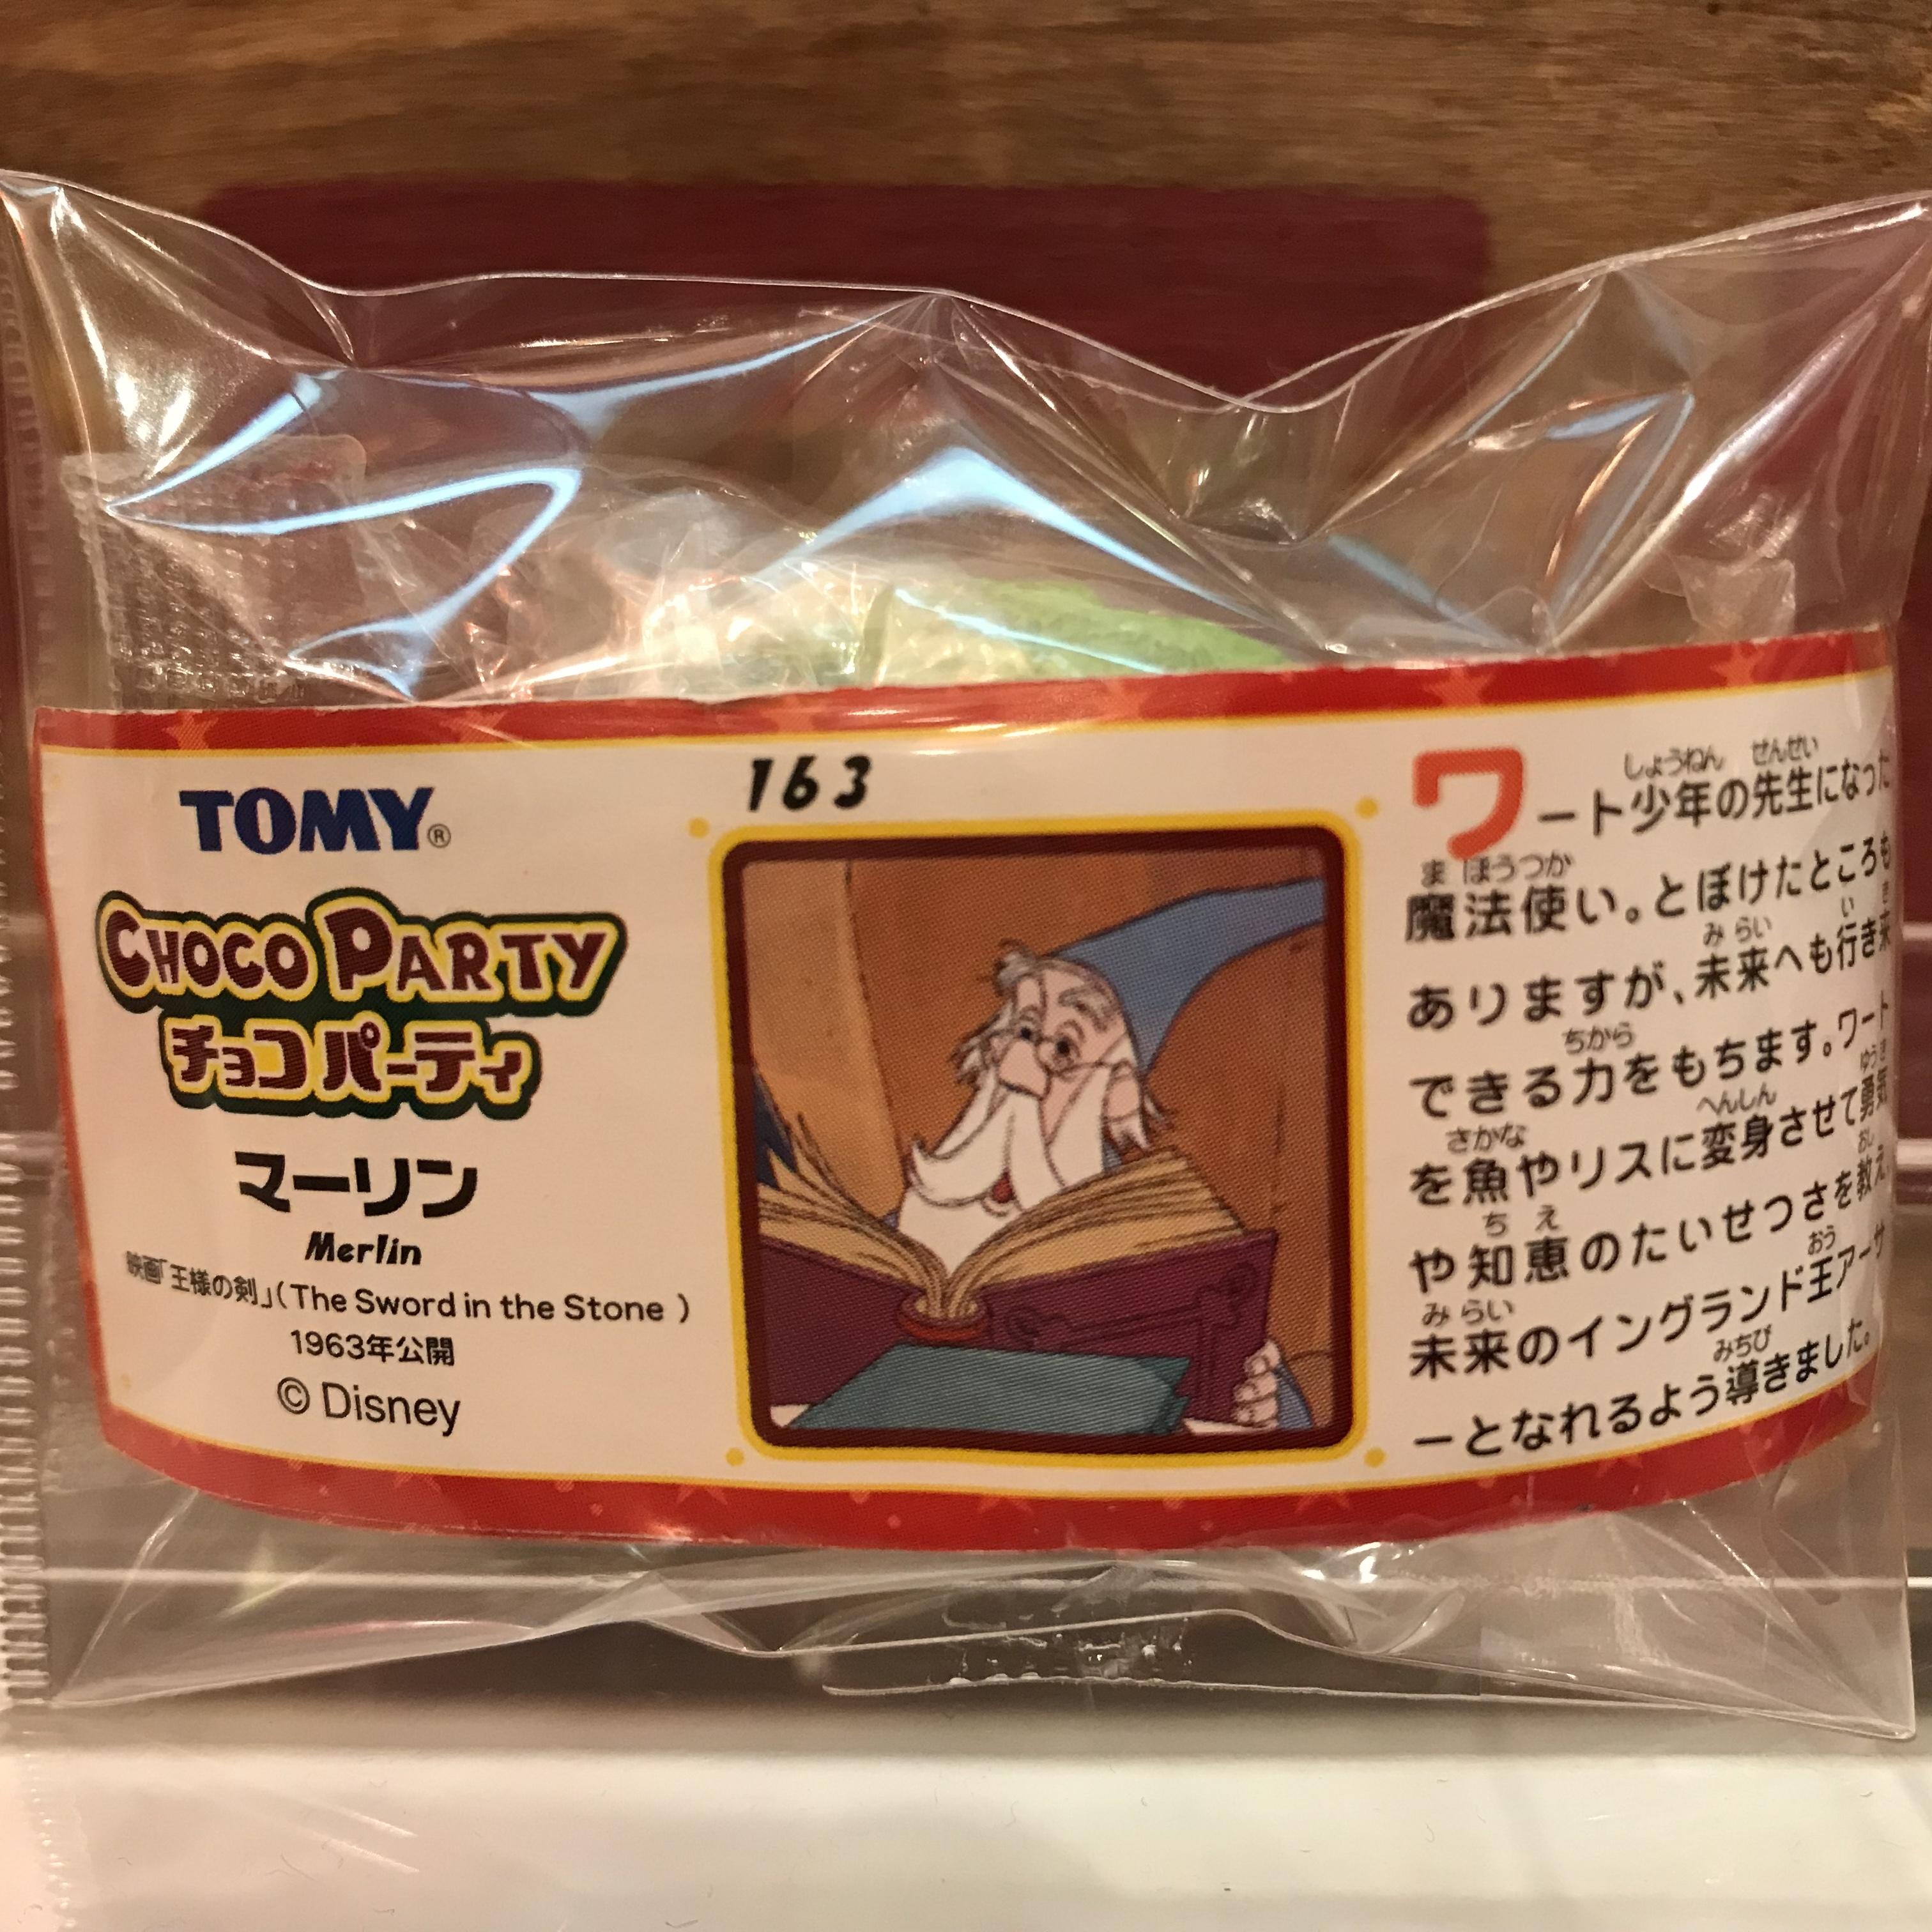 ディズニー チョコパーティ 163 マーリン フィギュア 内袋未開封・ミニブック付 TOMY